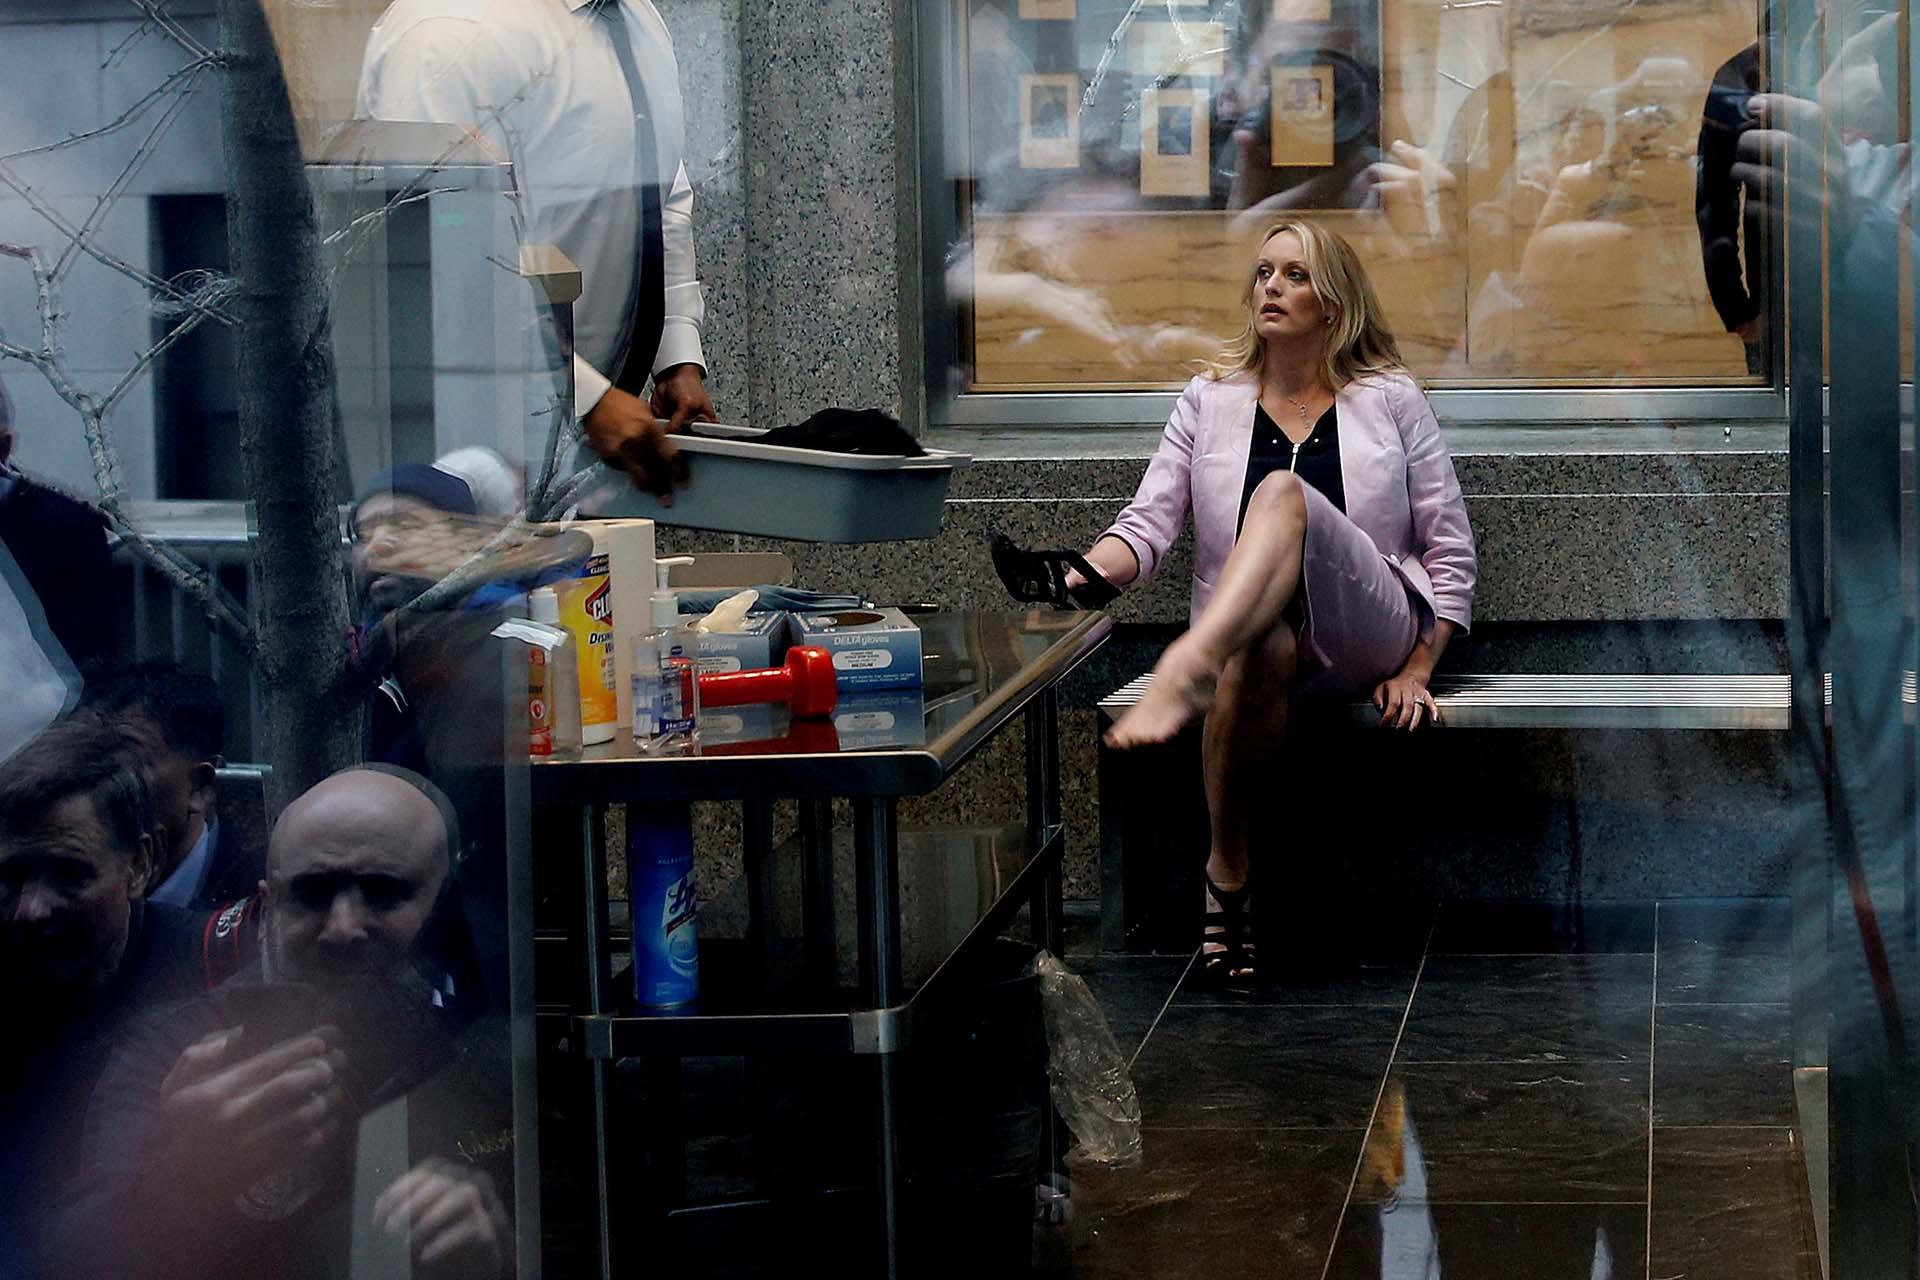 La actriz porno Stormy Daniels, quien afirma que tuvo relaciones sexuales con Trump en 2006, se quita los zapatospara pasar por un control de seguridad en una corte federal de Manhattanante la mirada de unos 50 fotógrafos desplegados tras un vallado policial (REUTERS/Shannon Stapleton)